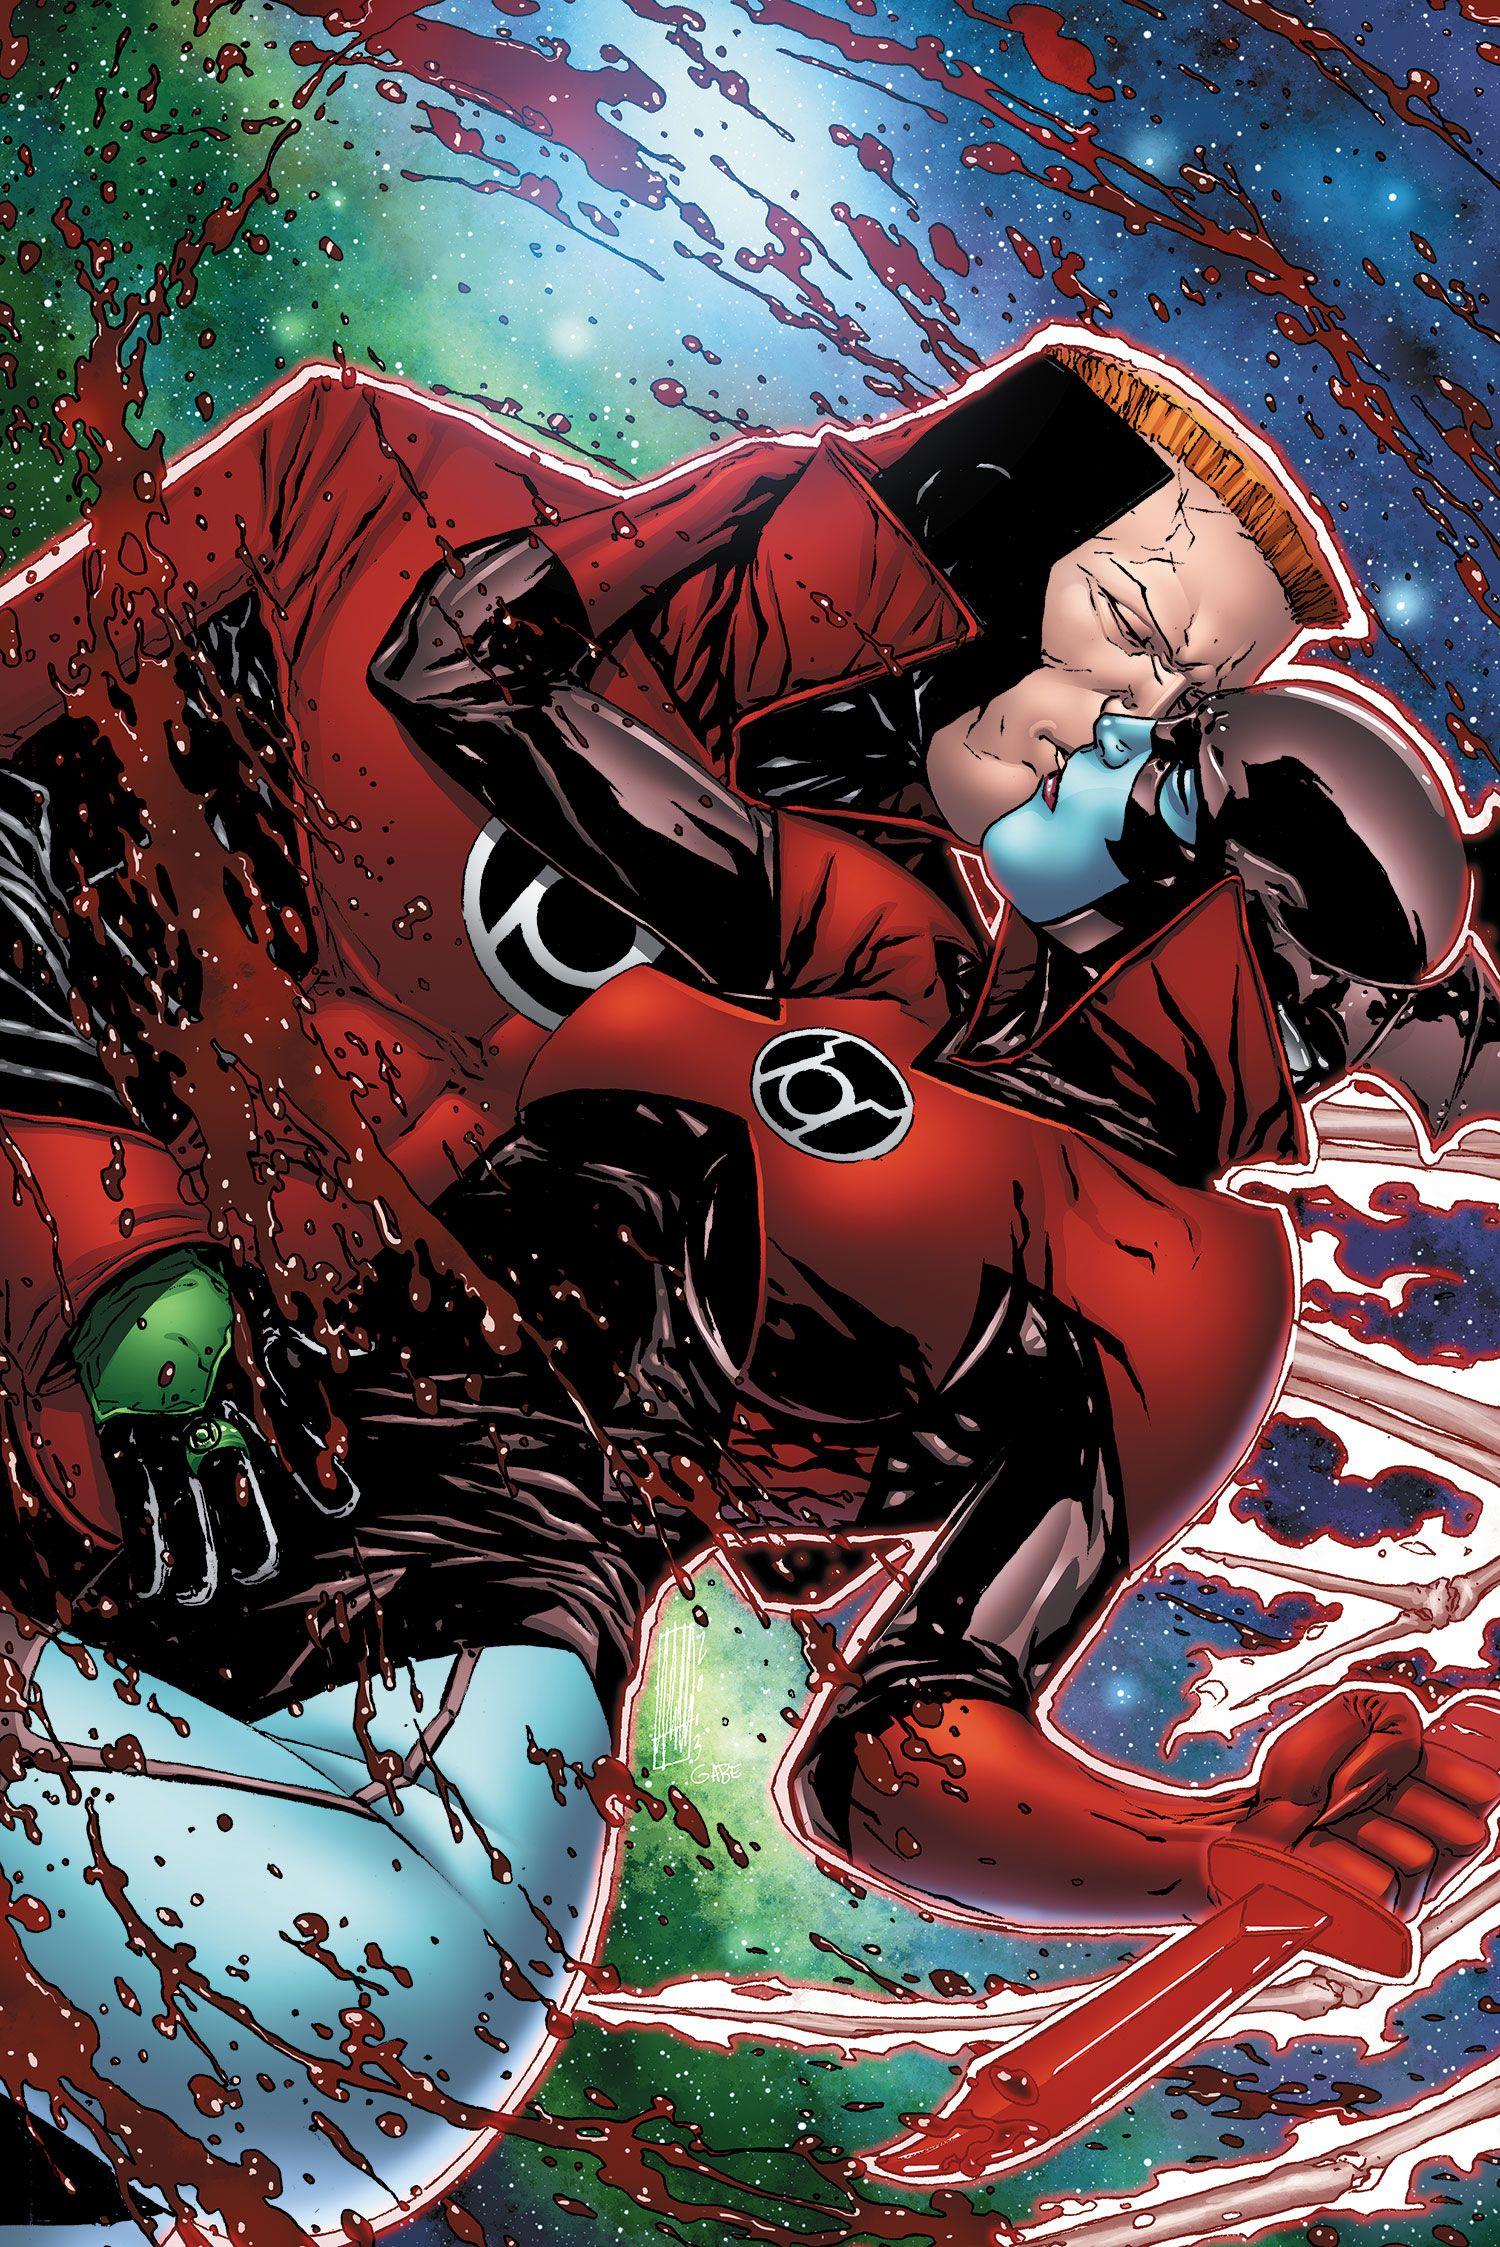 Red Lanterns Guy Gardner and Bleez